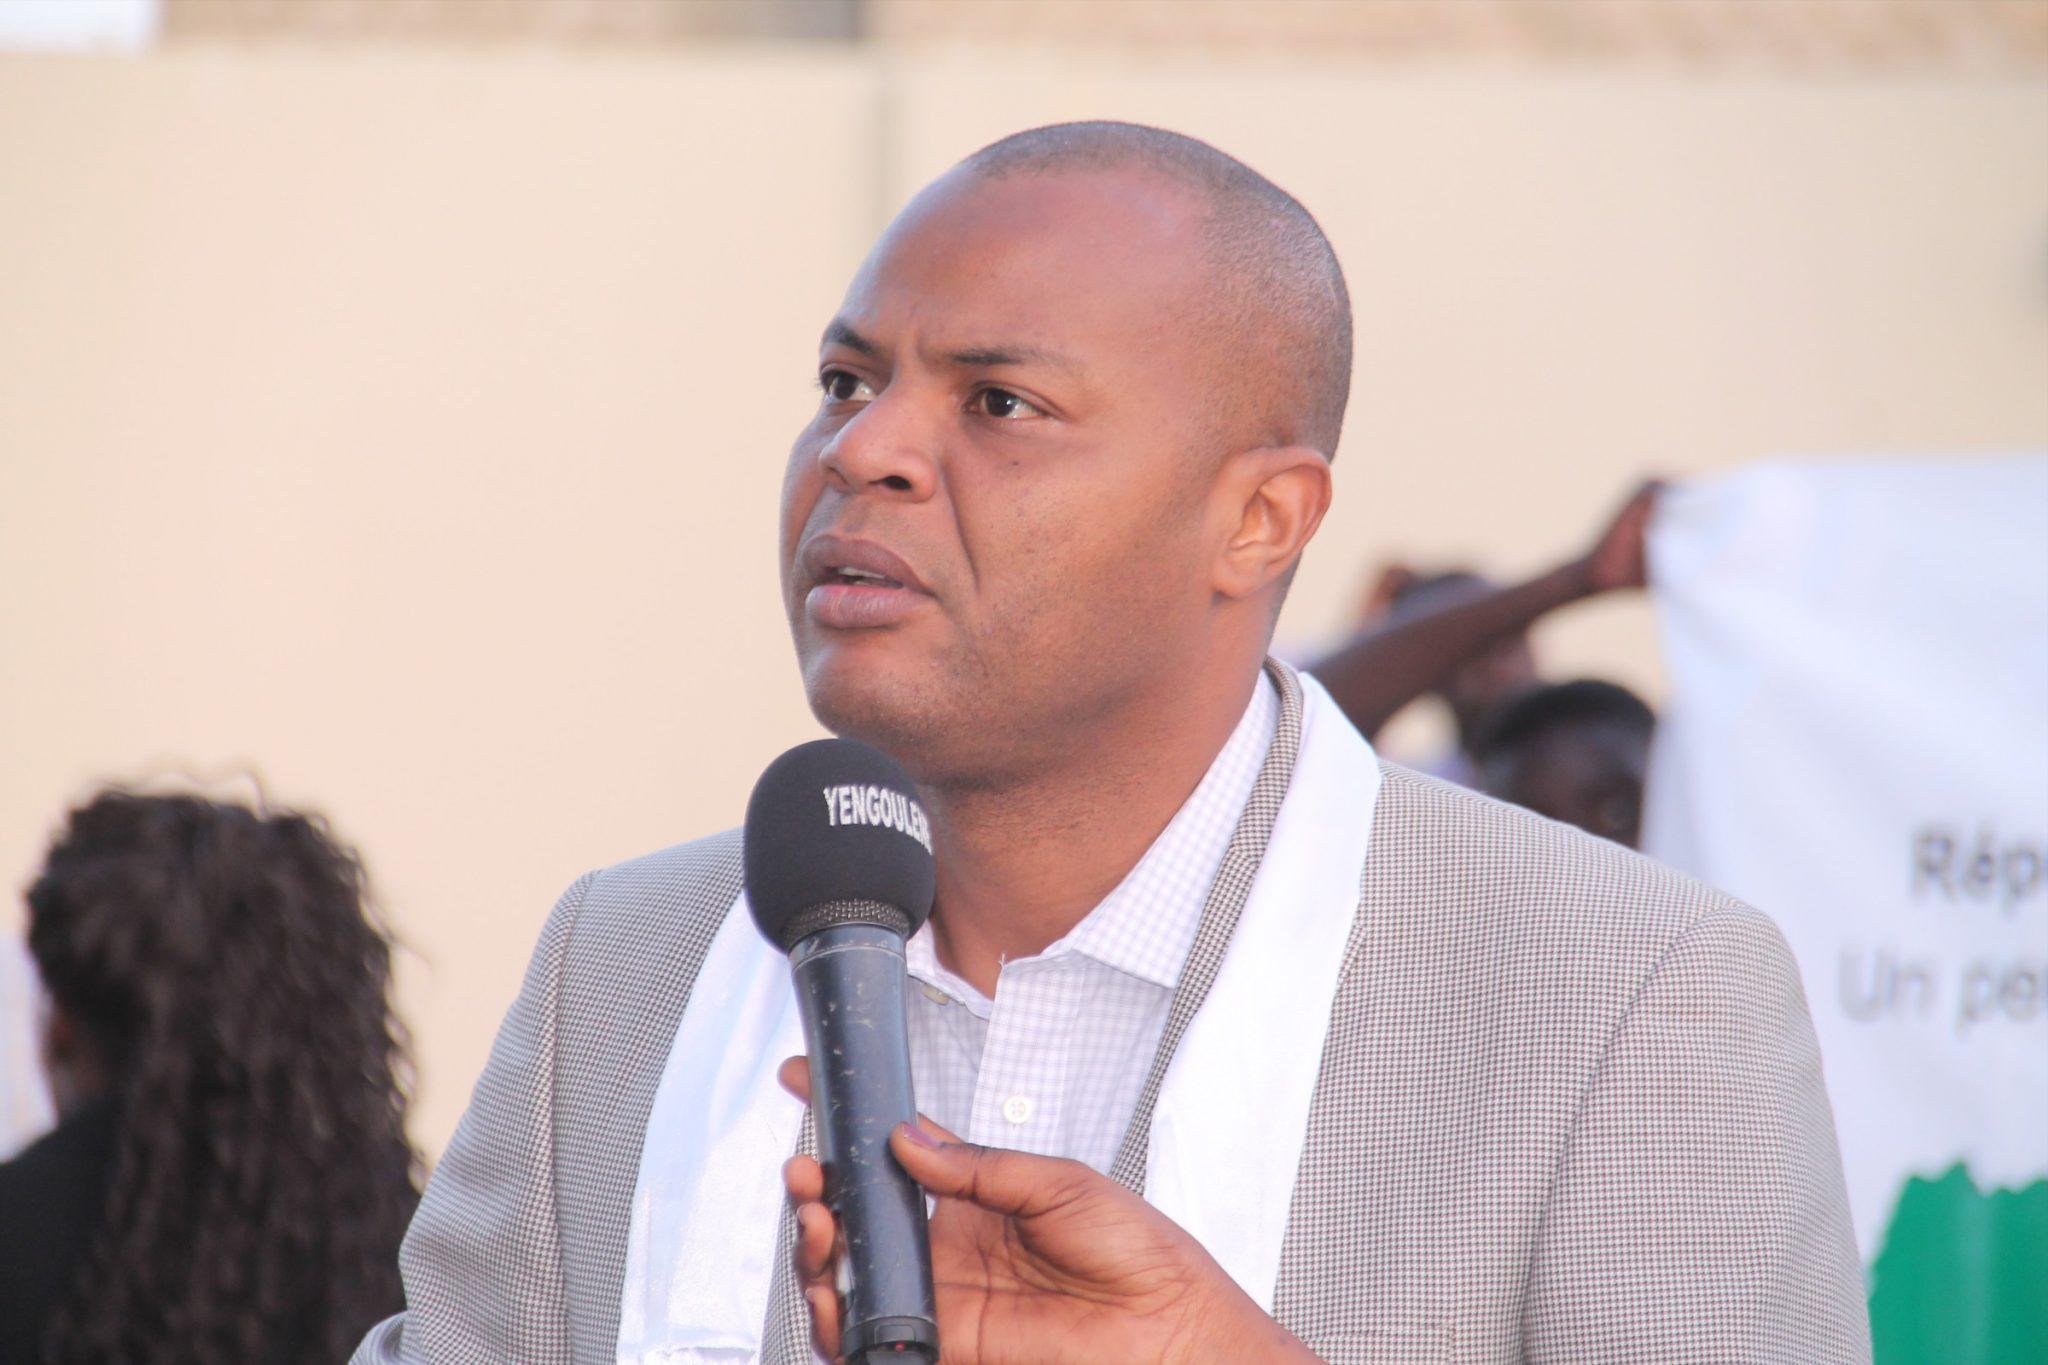 Fonds touristique: Mame Mbaye Niang sur un autre scandale